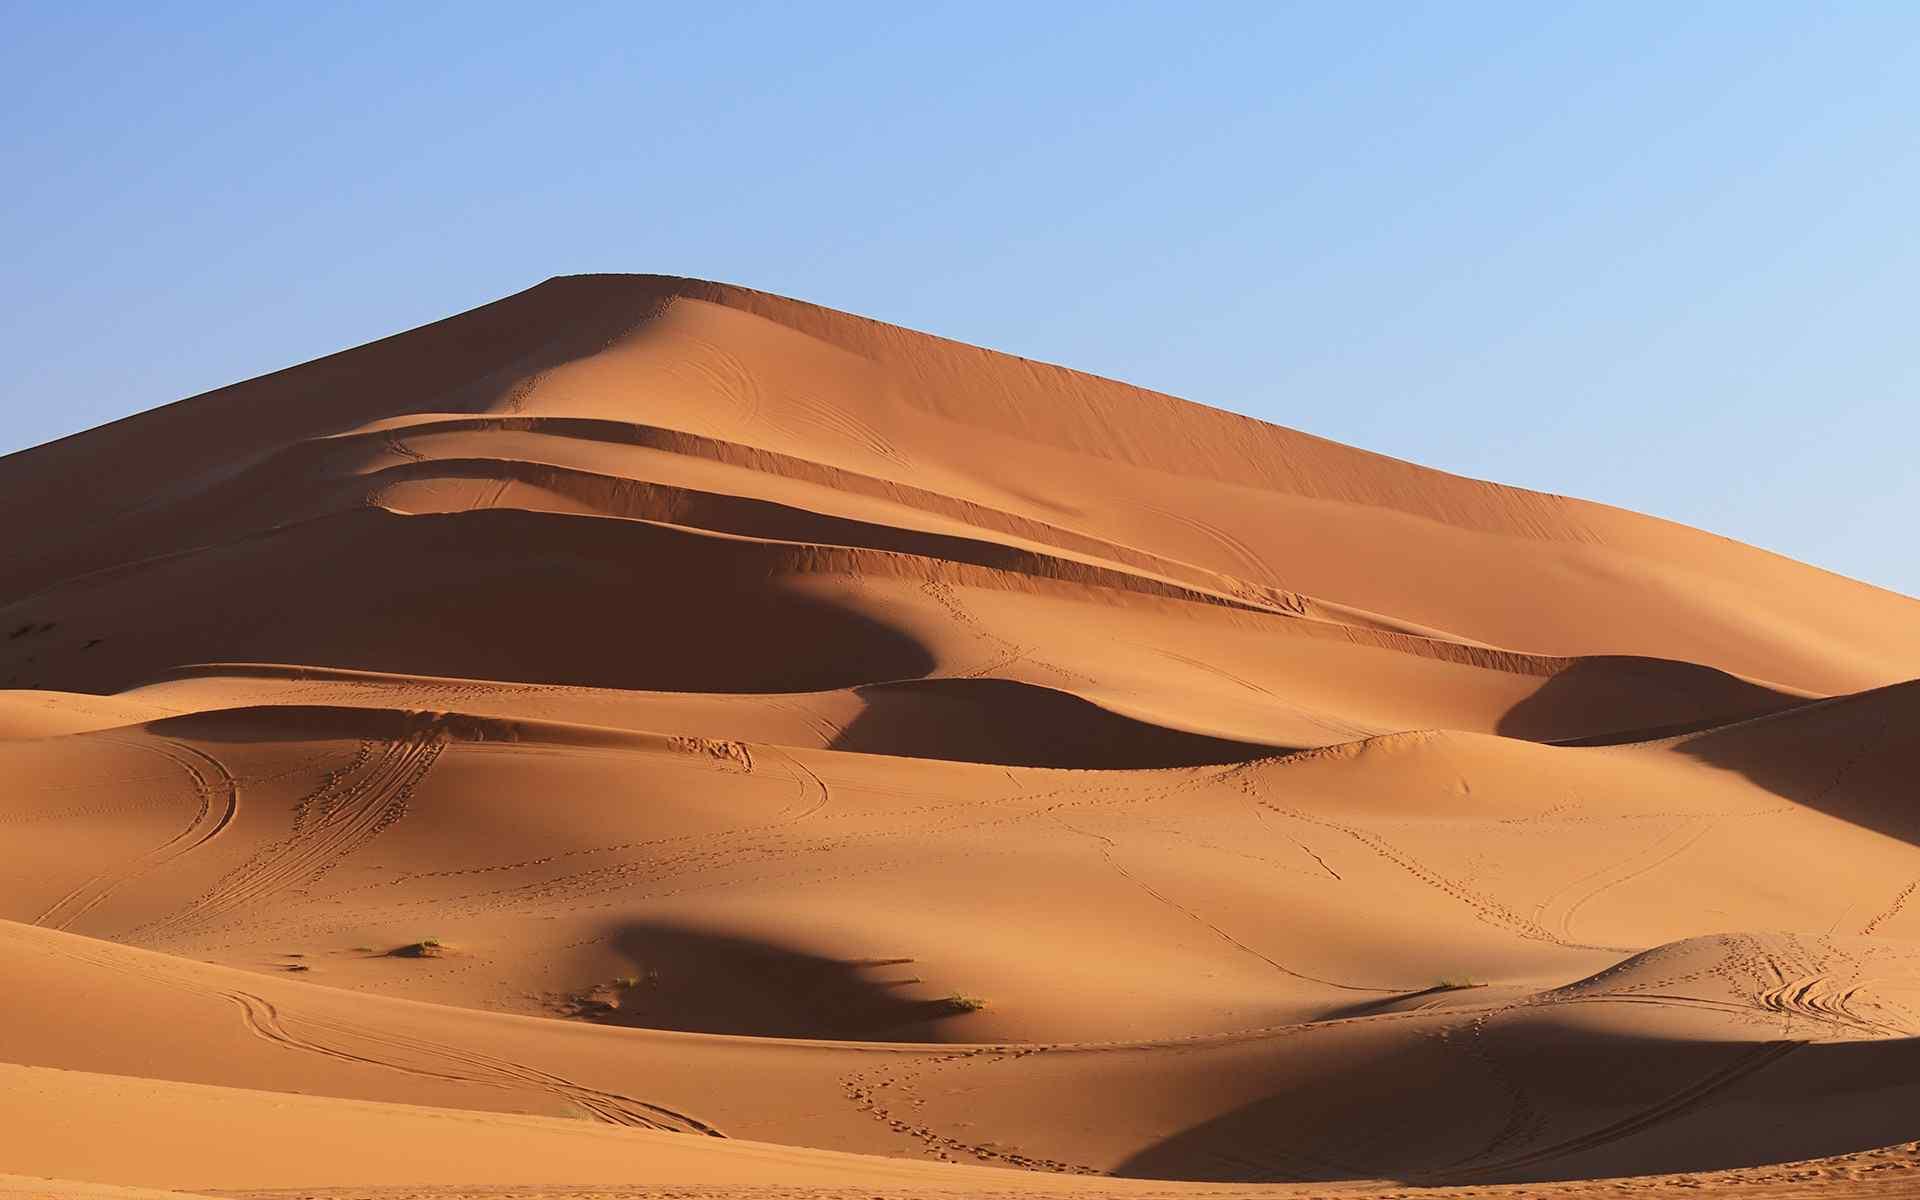 热带沙漠迷人风景高清图片桌面壁纸